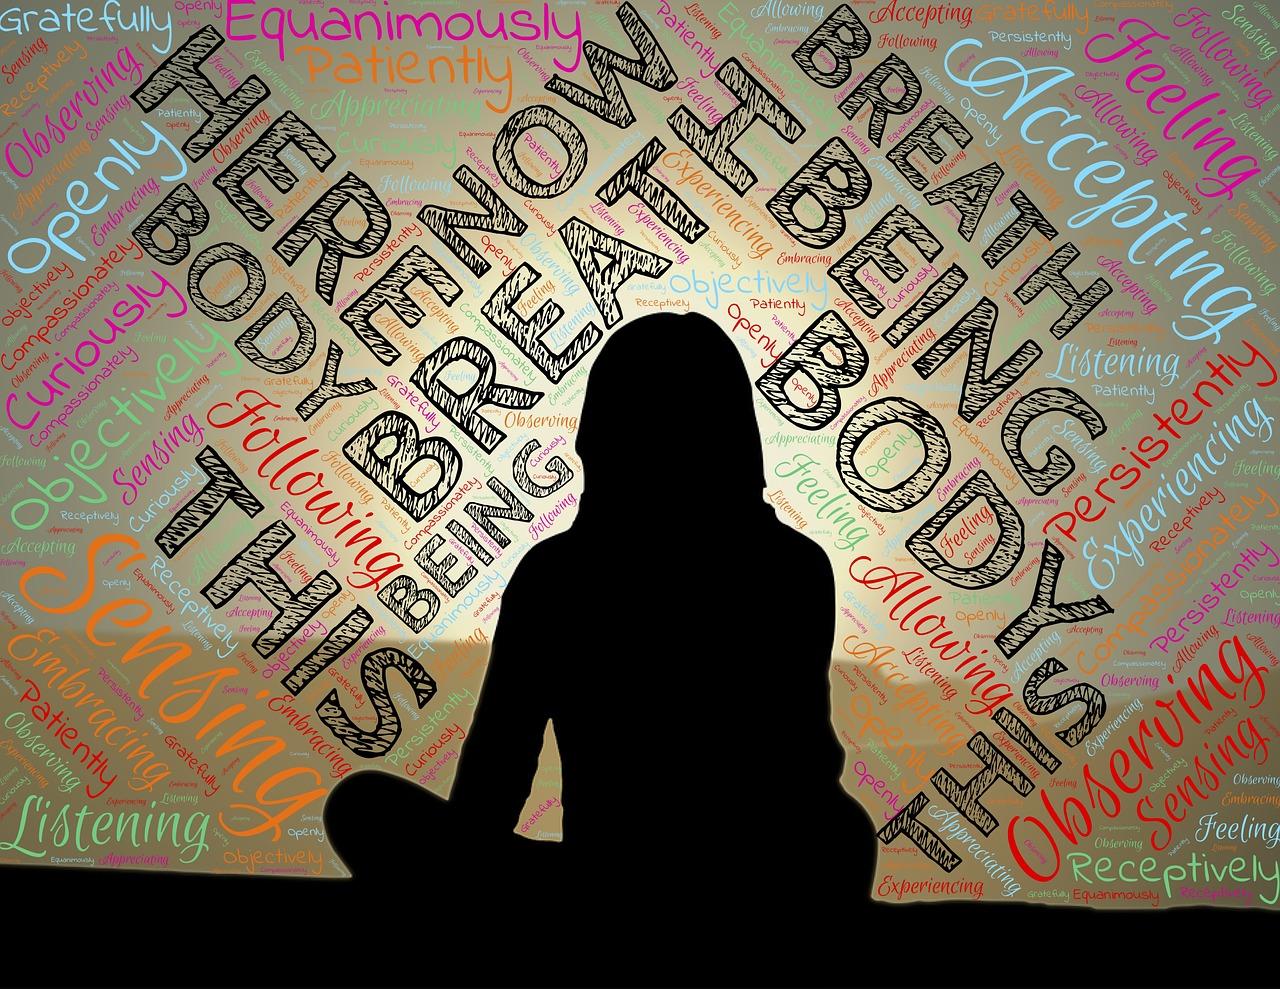 meditation-1837347_1280.jpg